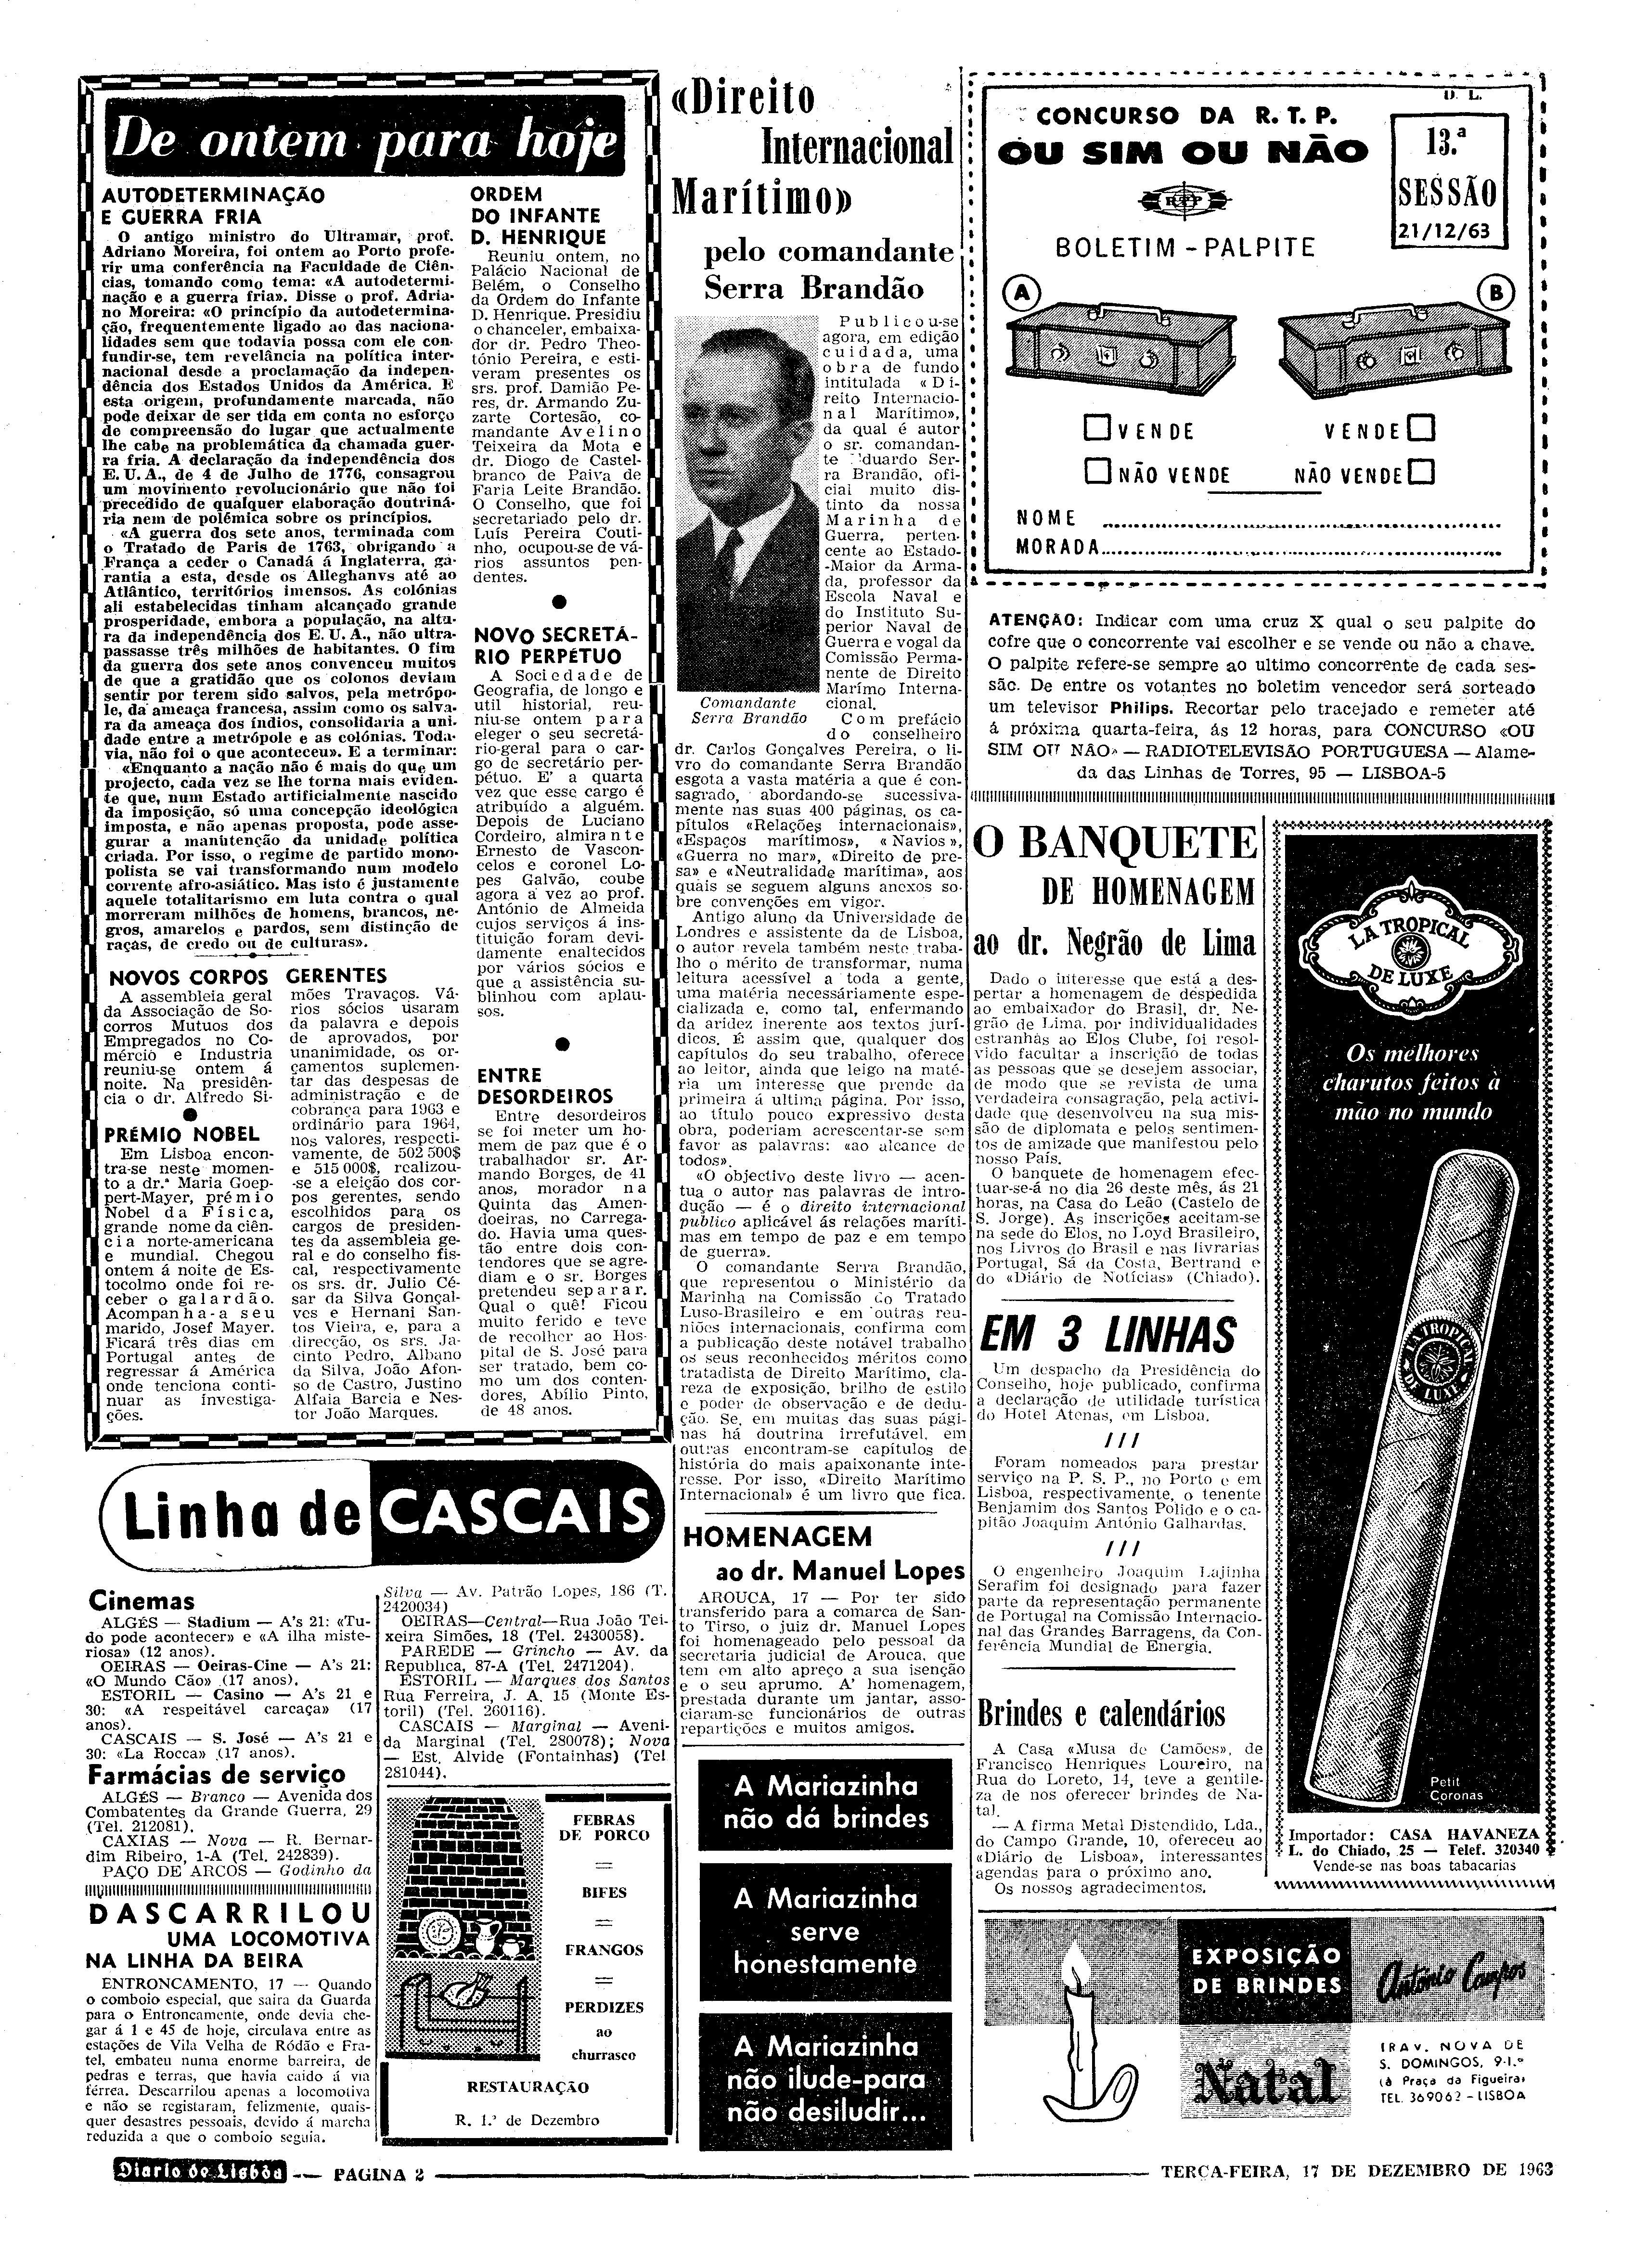 06551.089.18658- pag.2